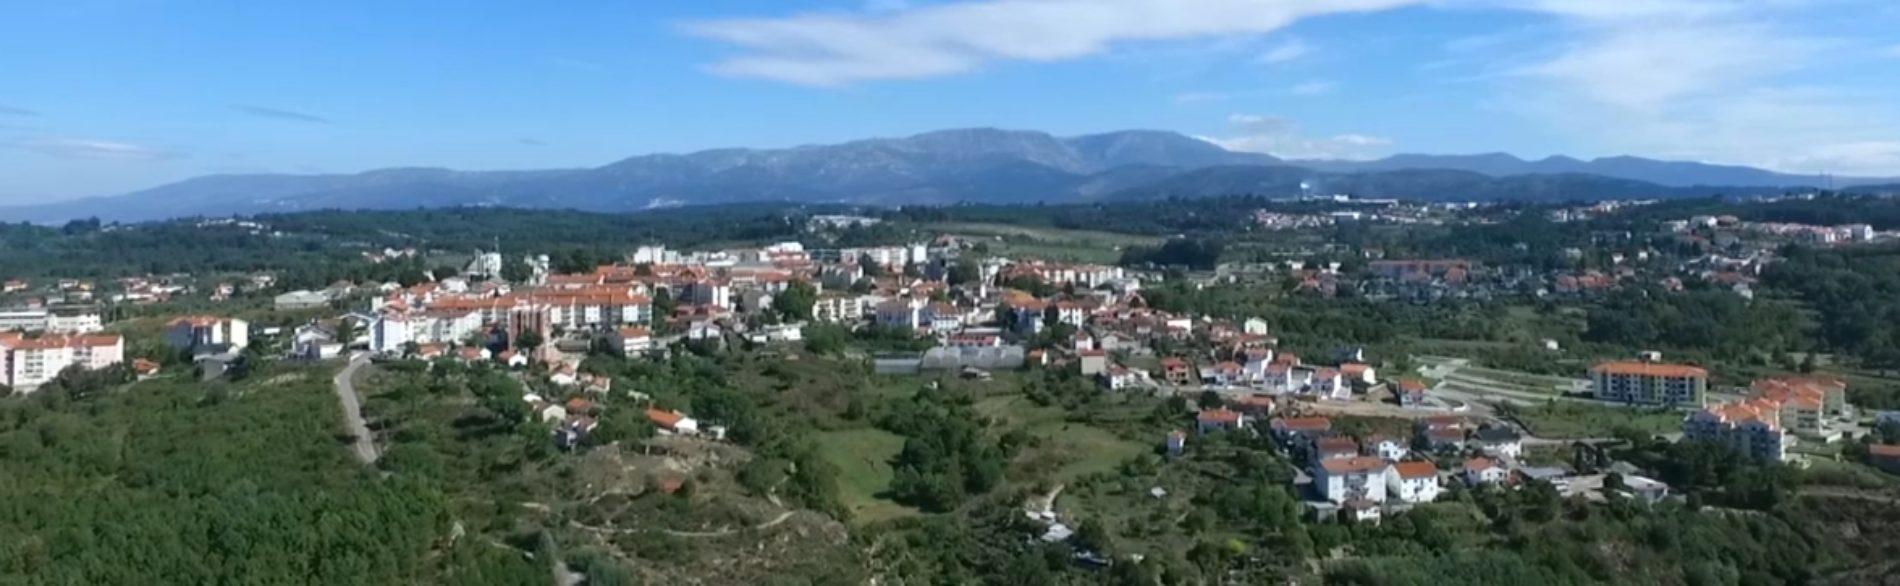 Confirmada Covid-19 a utente de lar de Oliveira do Hospital internada em Coimbra